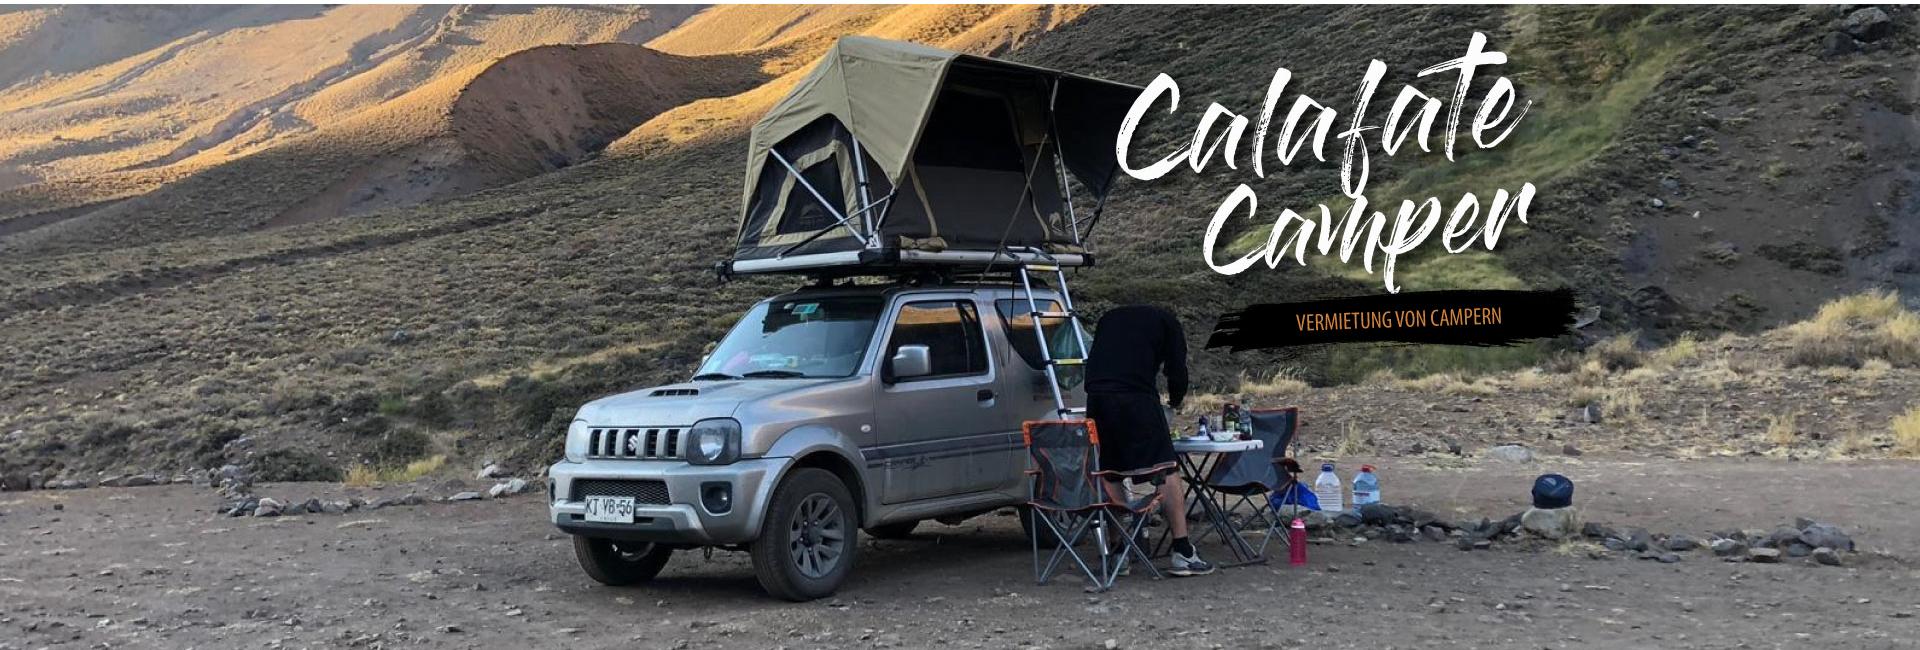 banner-camper5